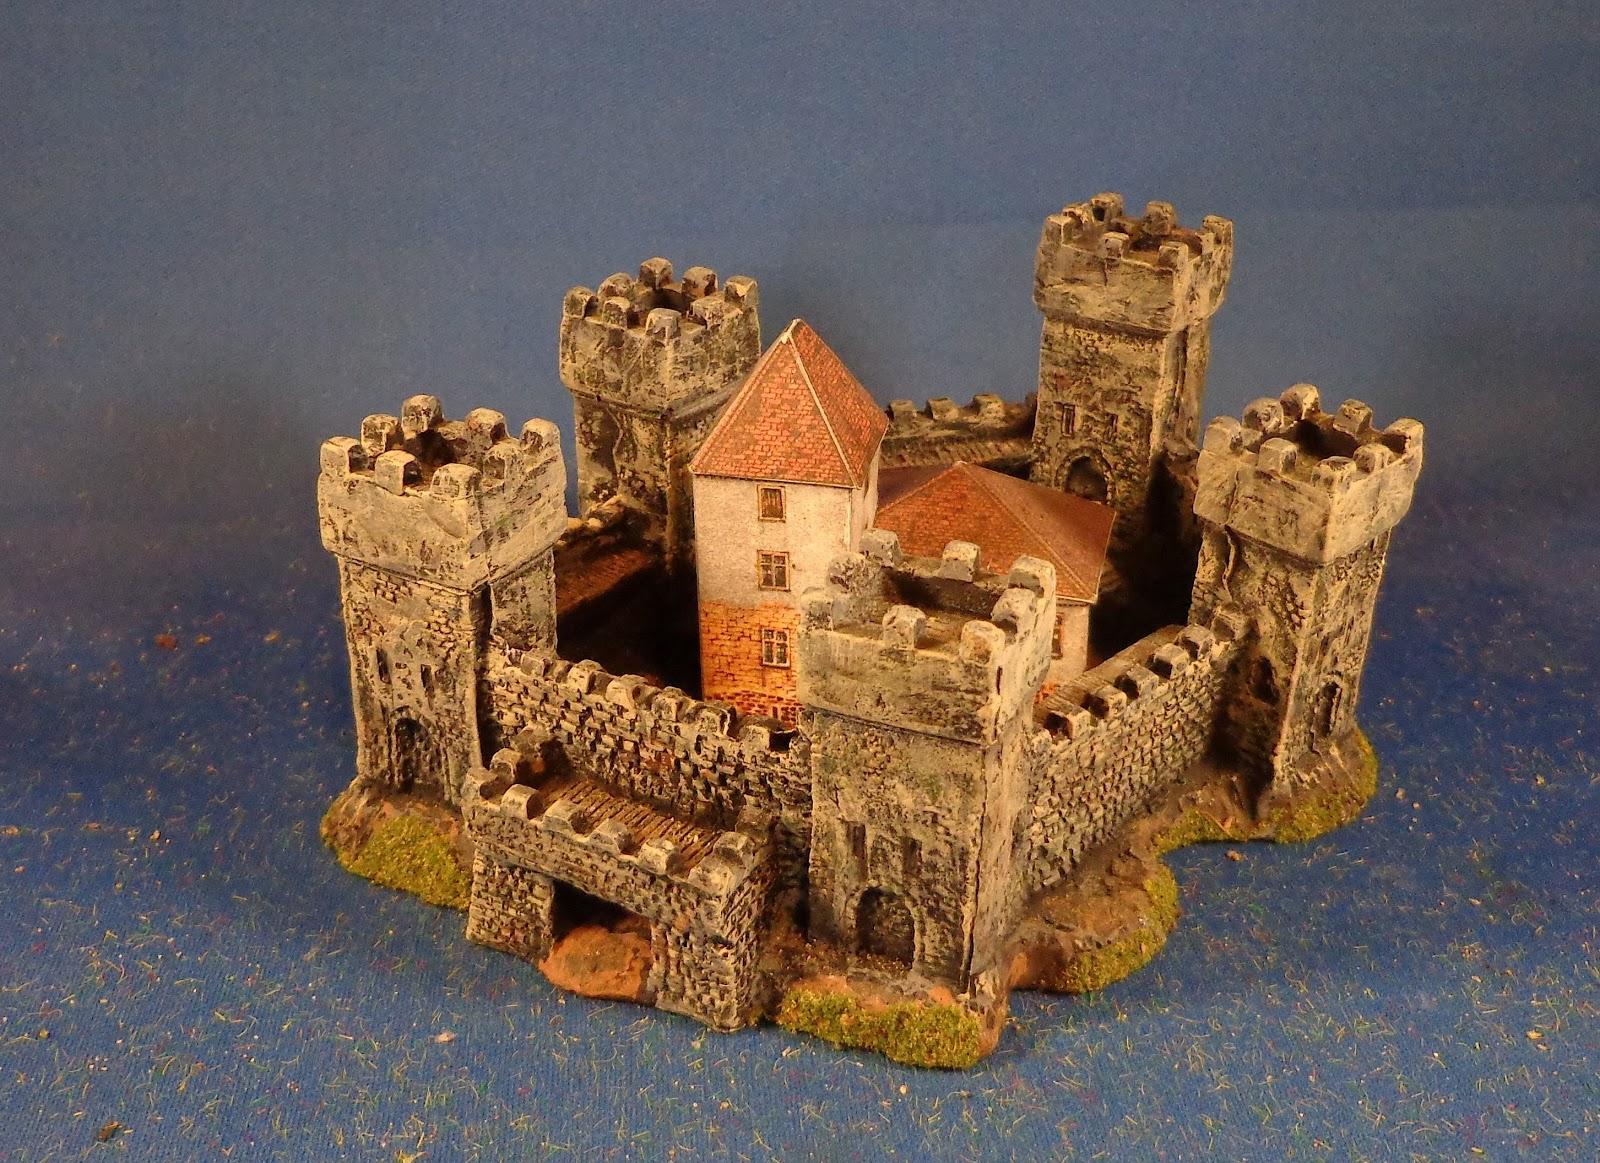 Bob S Miniature Wargaming Blog Fs 6mm Ancients Terrain